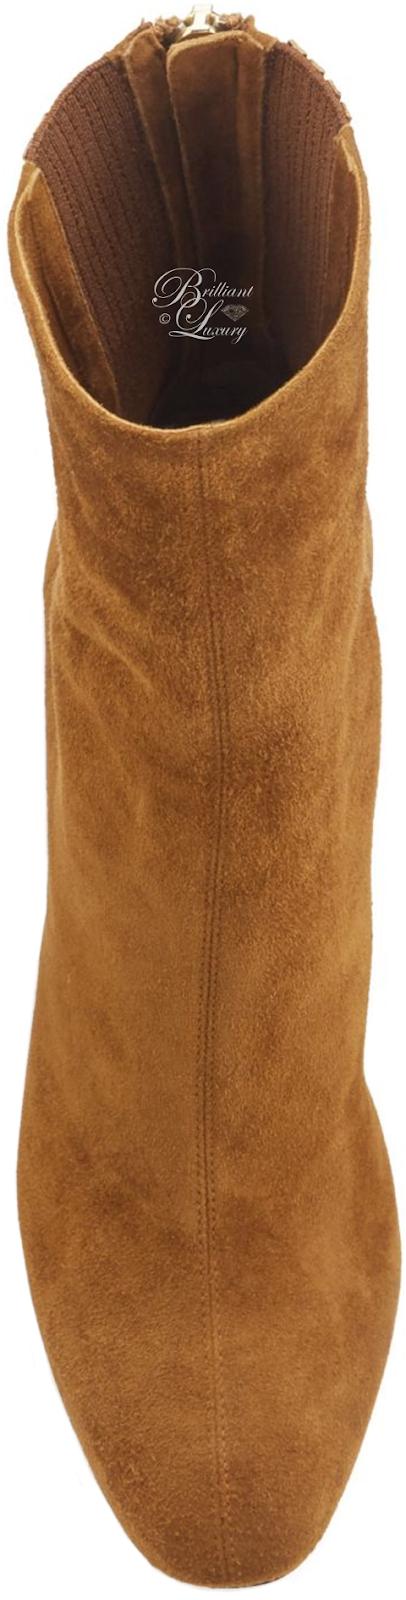 Brilliant Luxury ♦ Aquazzura Saint Honoré Ankle Boots